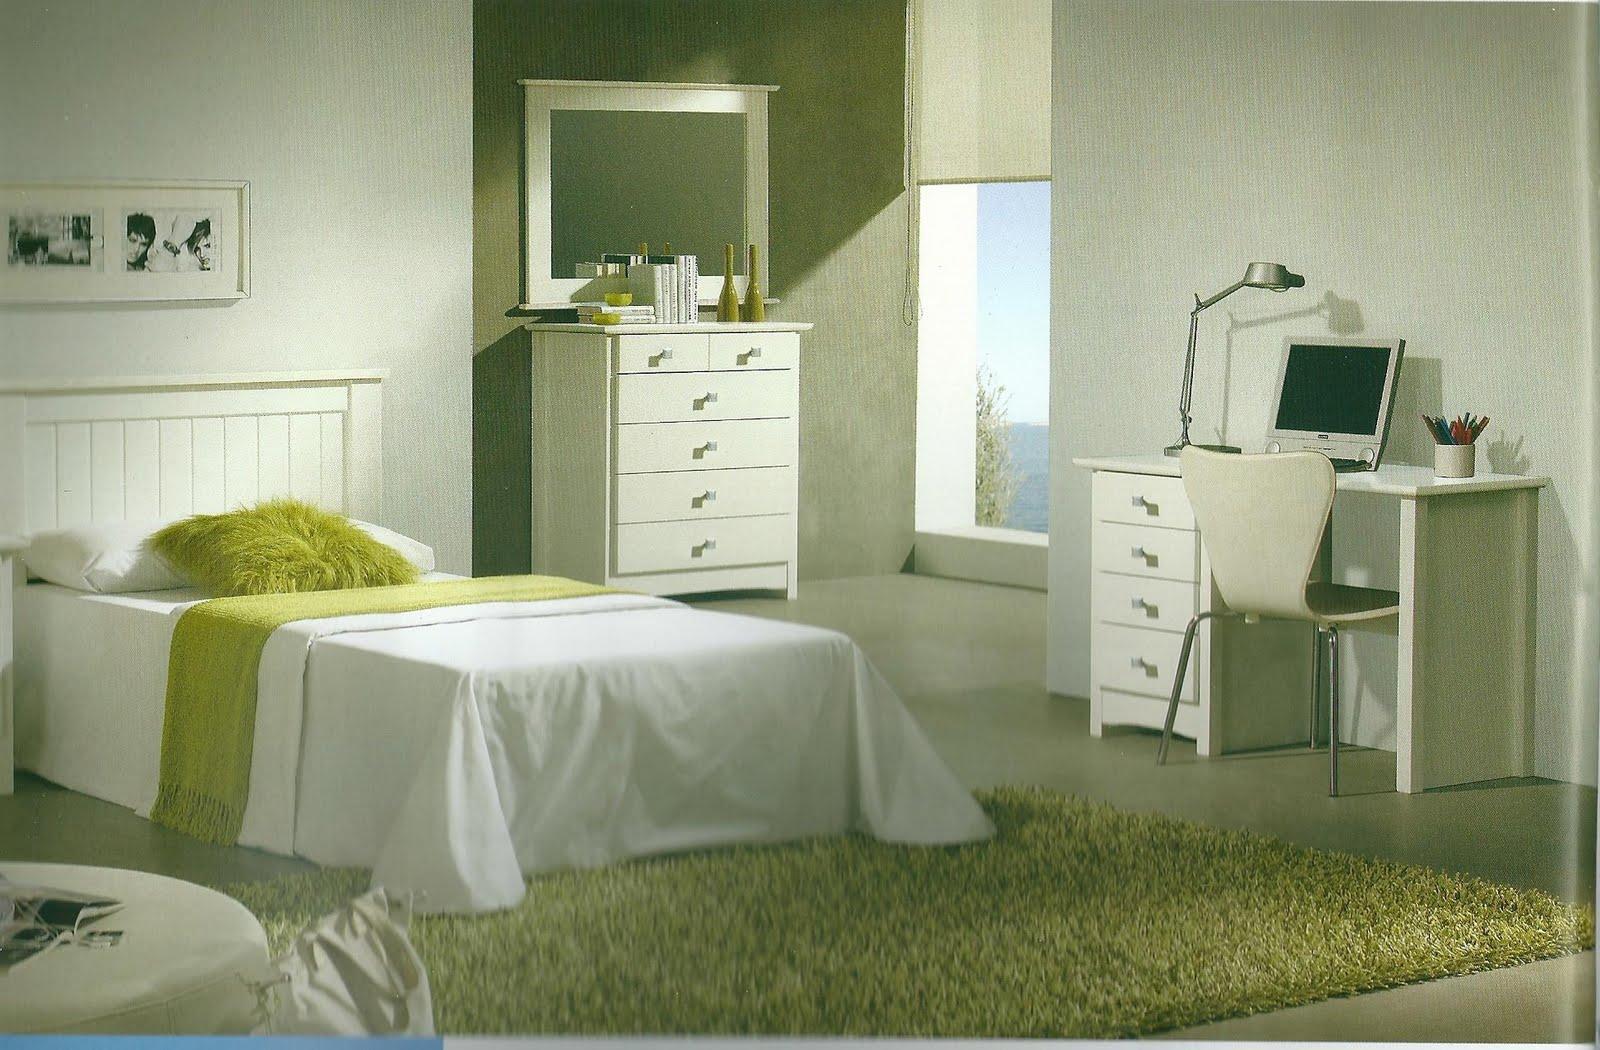 Consejos decoraci n hogar c mo amueblar tu casa en for Consejos decoracion hogar